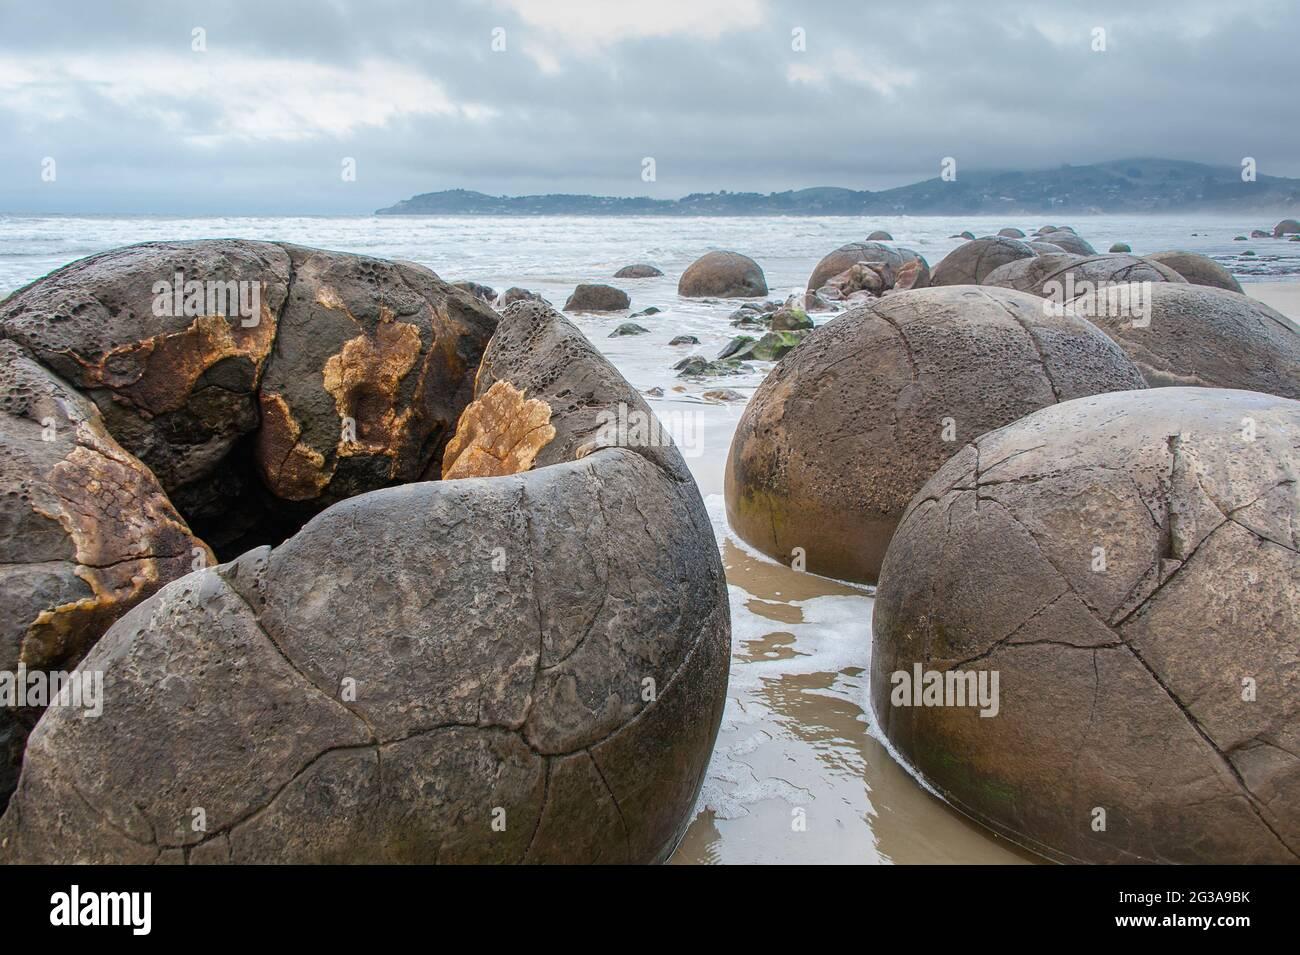 Les Moeraki Boulders sur Koekohe Plage, de l'Otago. Vue rapprochée d'un groupe de rochers sphériques, avec fond de ciel/mer gris Banque D'Images